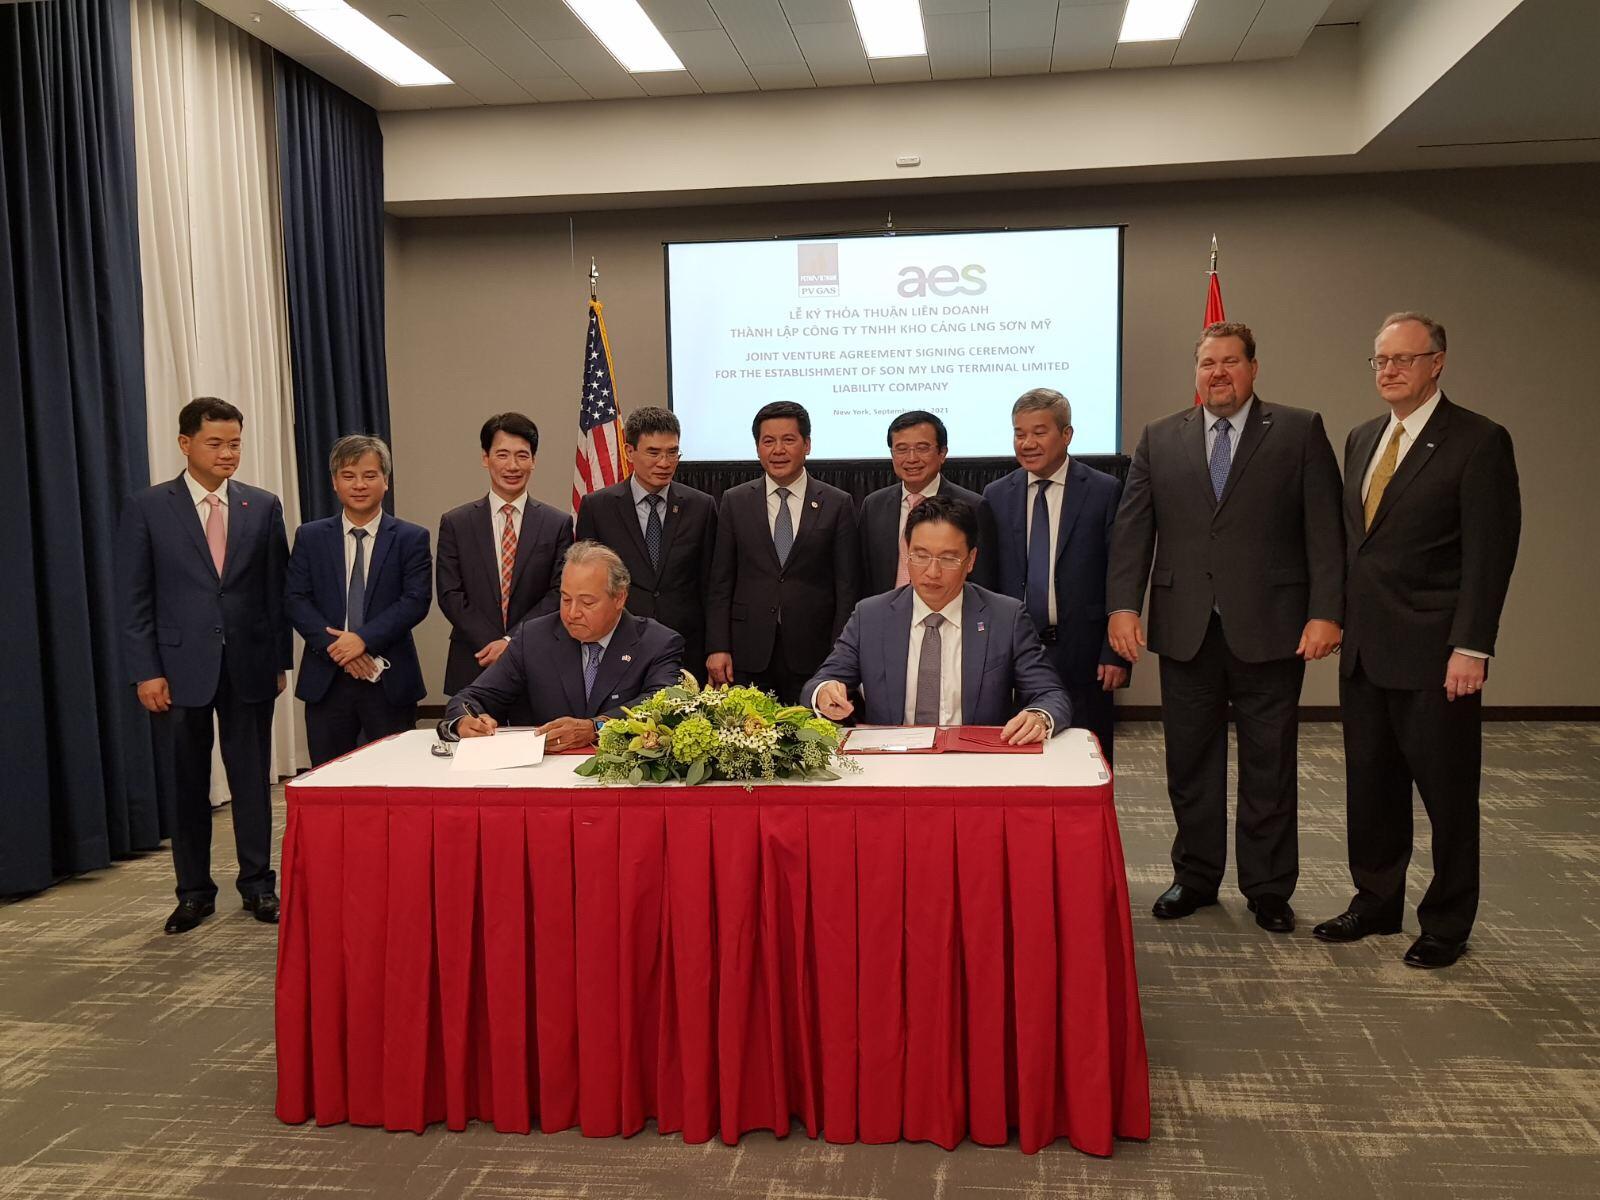 Bộ trưởng Công Thương Nguyễn Hồng Diên chứng kiến lễ ký thỏa thuận liên doanh dự án kho cảng LNG Sơn Mỹ - Ảnh 1.